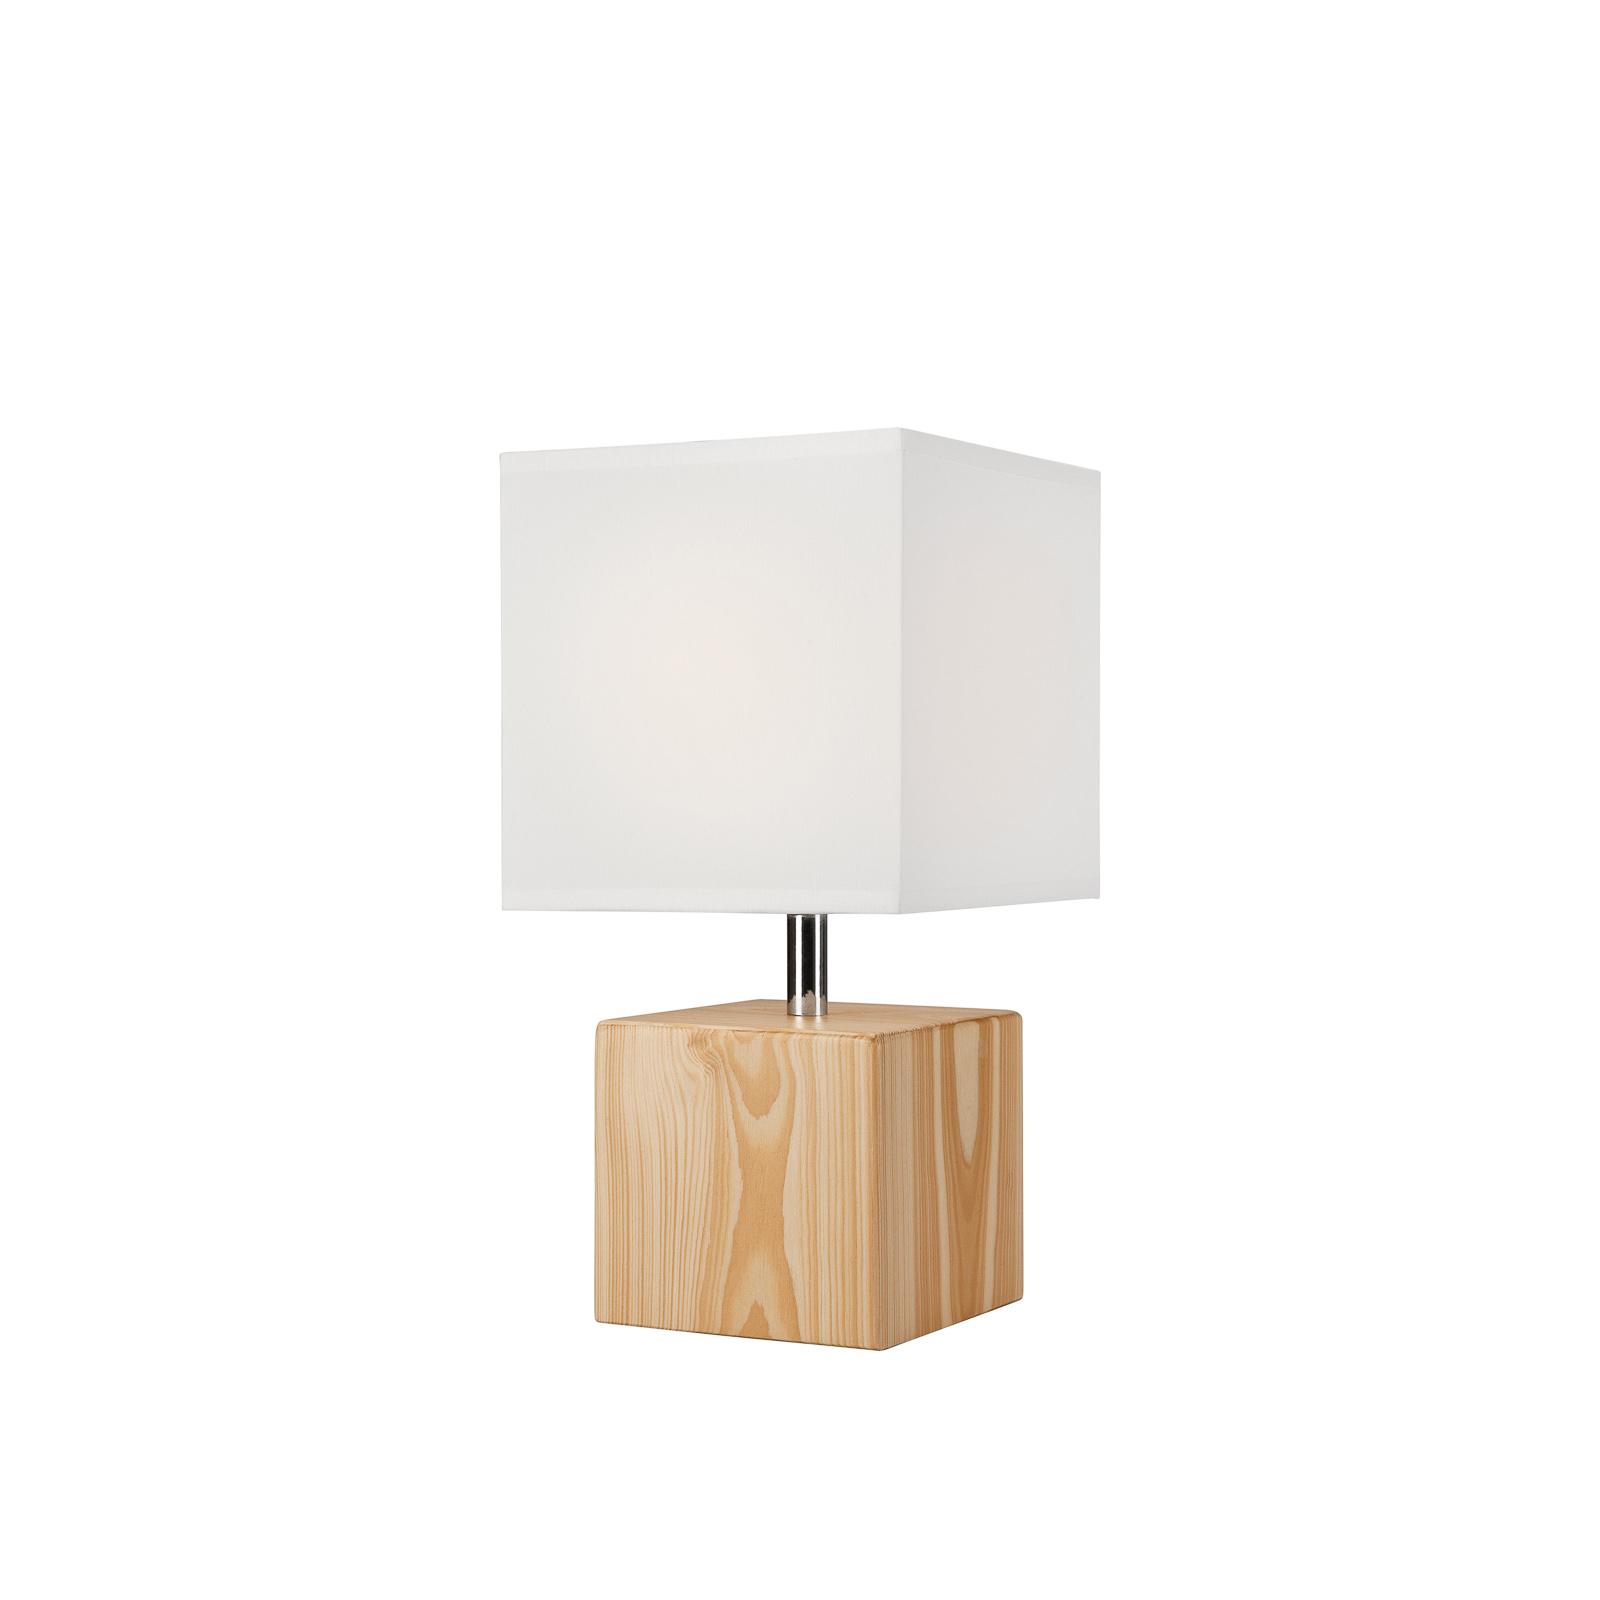 Lampe à poser Faxa, cubique, naturel/blanc